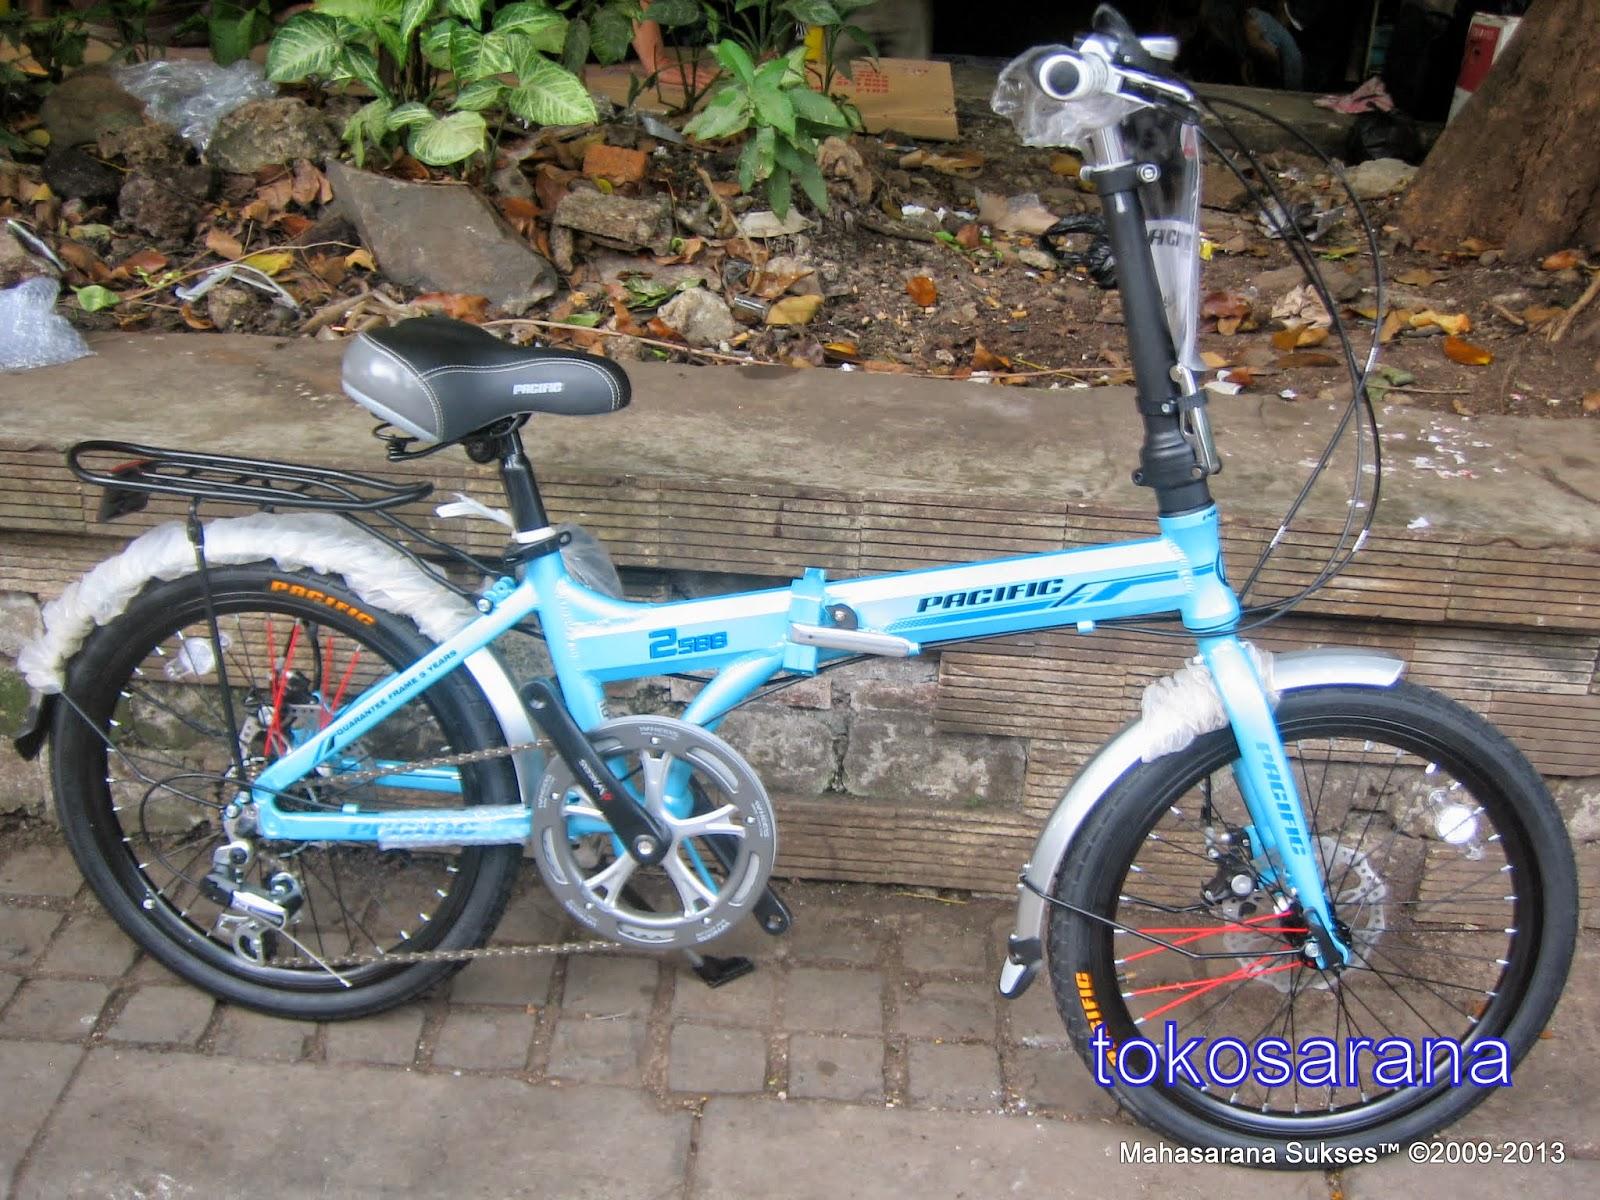 Clearance Sale Sepeda, Mainan Anak dan Perlengkapan Bayi